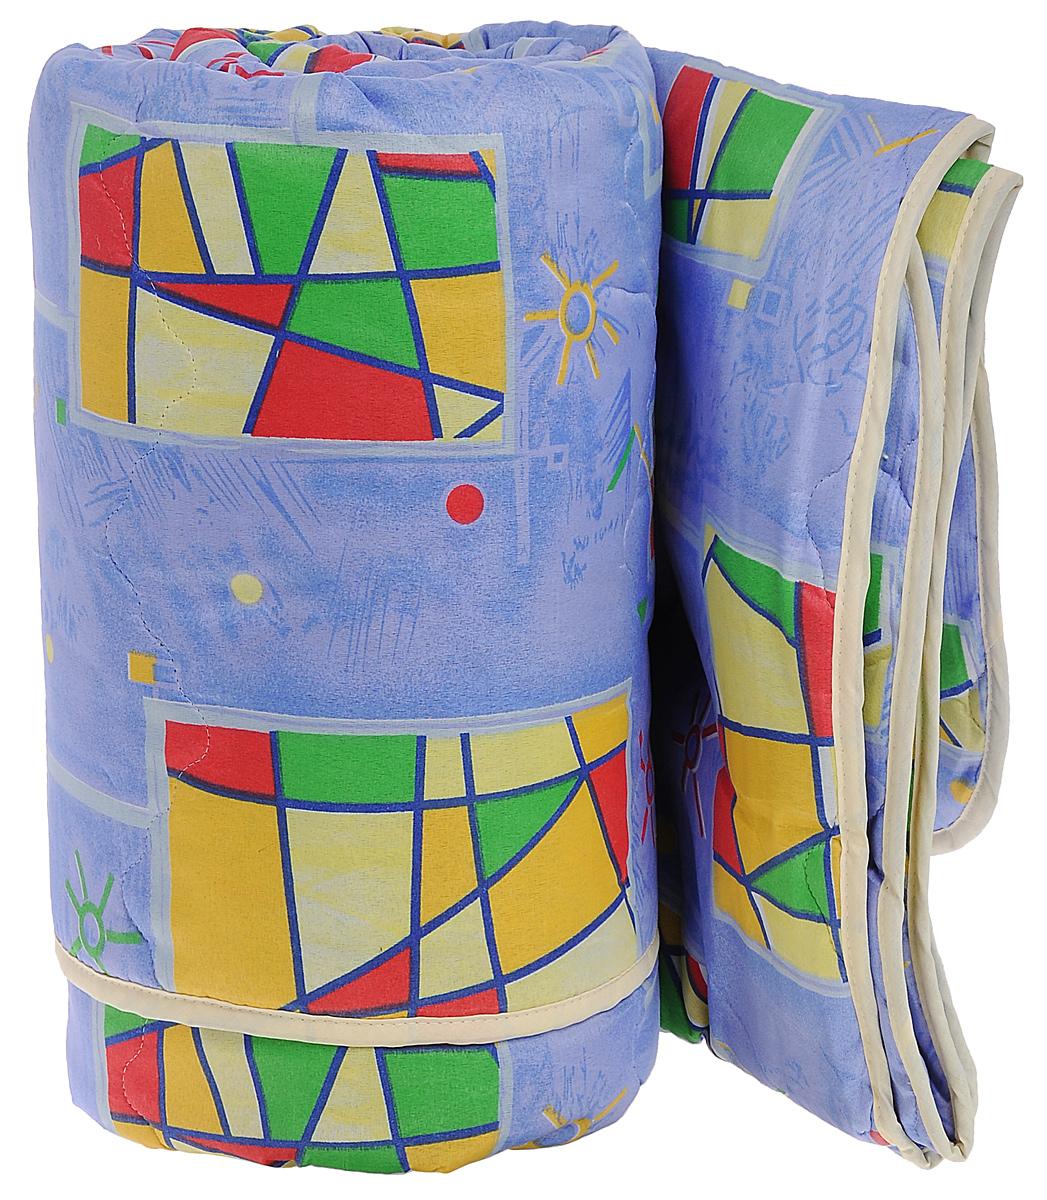 Одеяло всесезонное OL-Tex Miotex, наполнитель: полиэфирное волокно Holfiteks, цвет: сиреневый, желтый, 200 х 220 см98299571Всесезонное одеяло OL-Tex Miotex создаст комфорт и уют во время сна. Чехол выполнен из полиэстера и оформлен красочным рисунком. Внутри - современный наполнитель из полиэфирного высокосиликонизированного волокна Holfiteks, упругий и качественный. Прекрасно держит тепло. Одеяло с наполнителем Holfiteks легкое и комфортное. Даже после многократных стирок не теряет свою форму, наполнитель не сбивается, так как одеяло простегано и окантовано. Не вызывает аллергии. Holfiteks - это возможность легко ухаживать за своими постельными принадлежностями. Можно стирать в машинке, изделия быстро и полностью высыхают - это обеспечивает гигиену спального места при невысокой цене на продукцию.Плотность: 300 г/м2.